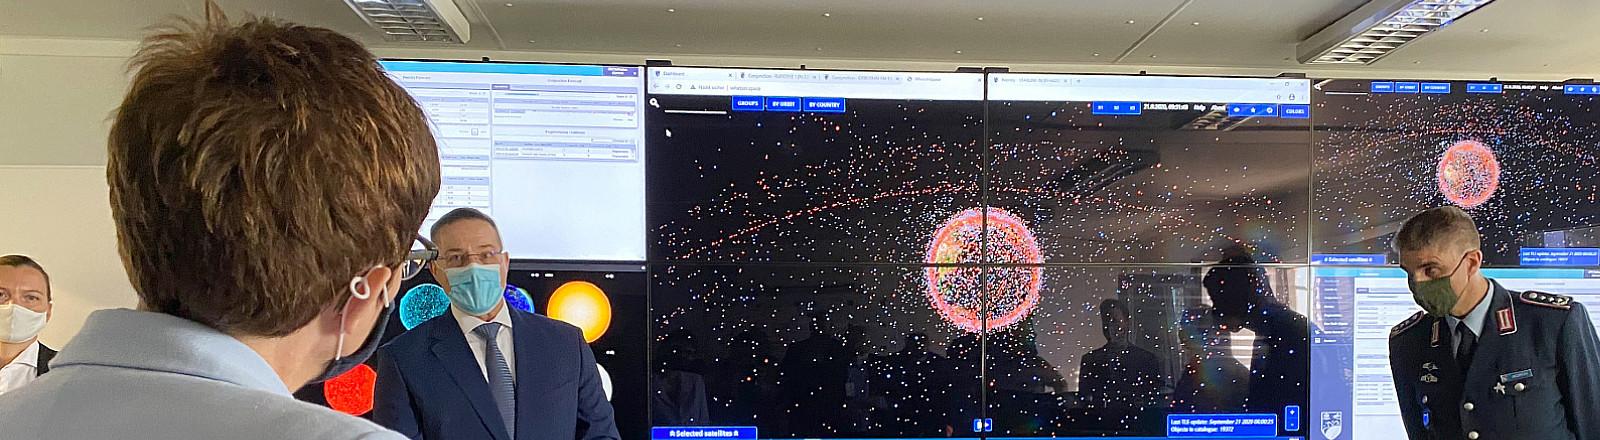 Bundesverteidigungsministerin Annegret Kramp-Karrenbauer betrachtet am 21.09.2020 im neuen Weltraumoperationszentrum der Luftwaffe die aktuelle Weltraumlage.